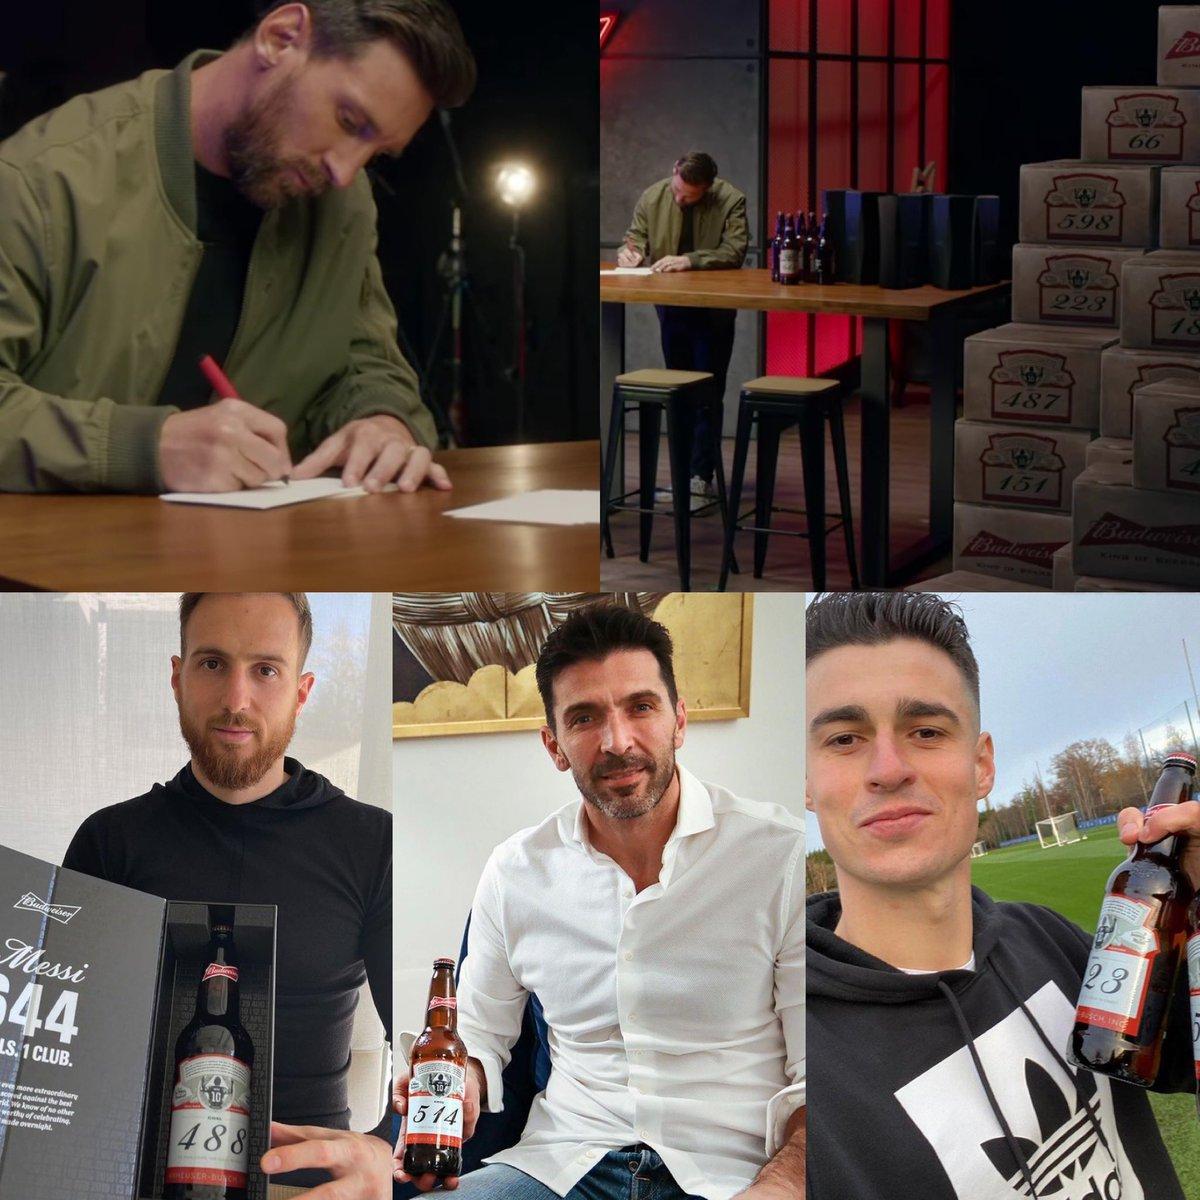 Para celebrar sus 644 goles con el Barça, Lionel y Budweiser le enviaron a cada uno de los 160 porteros a los que les anotó, una botella especial por cada gol. Oblak (10), Gigi y Kepa (2) ya recibieron las suyas. Diego Alves (21), Iraizoz (18) e Iker (17), los más beneficiados.